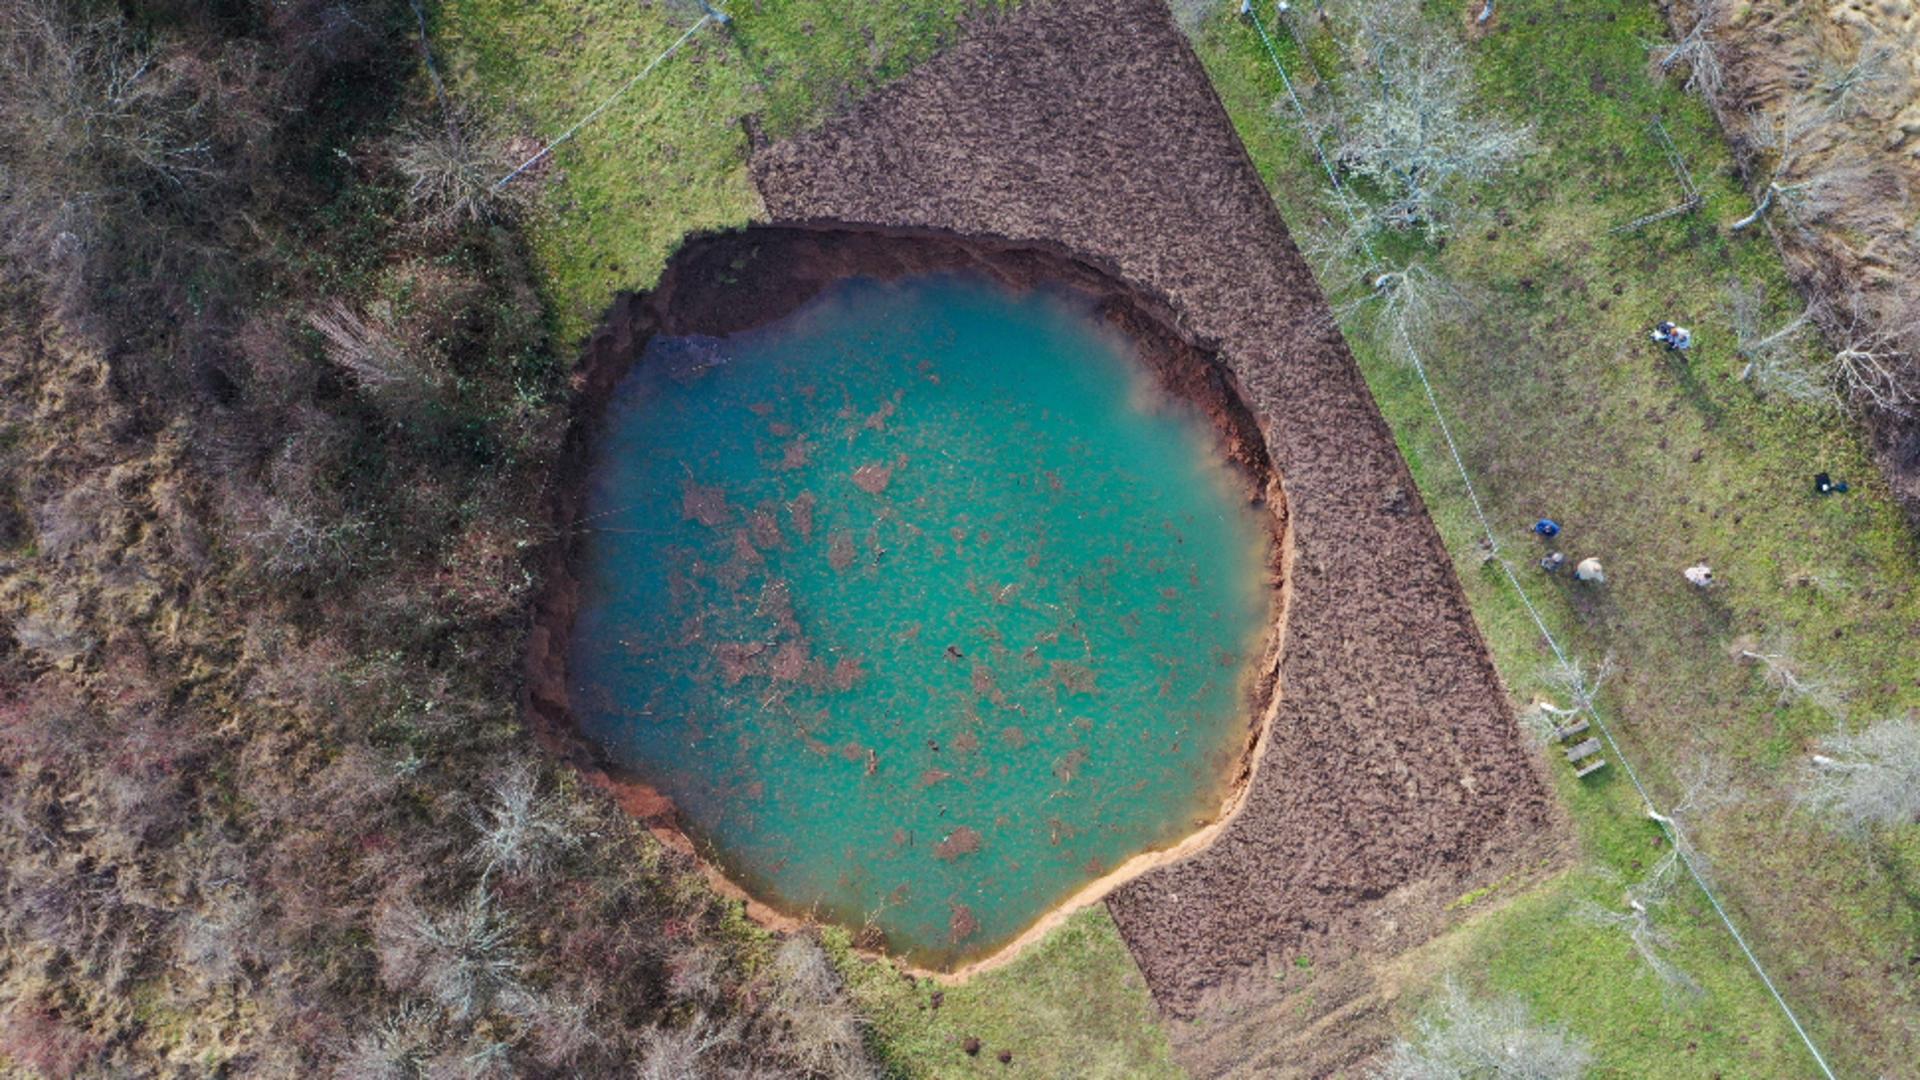 Zeci de cratere uriașe au apărut pe teritoriul Croației / Foto: Ivana Nobilo, Profi Media